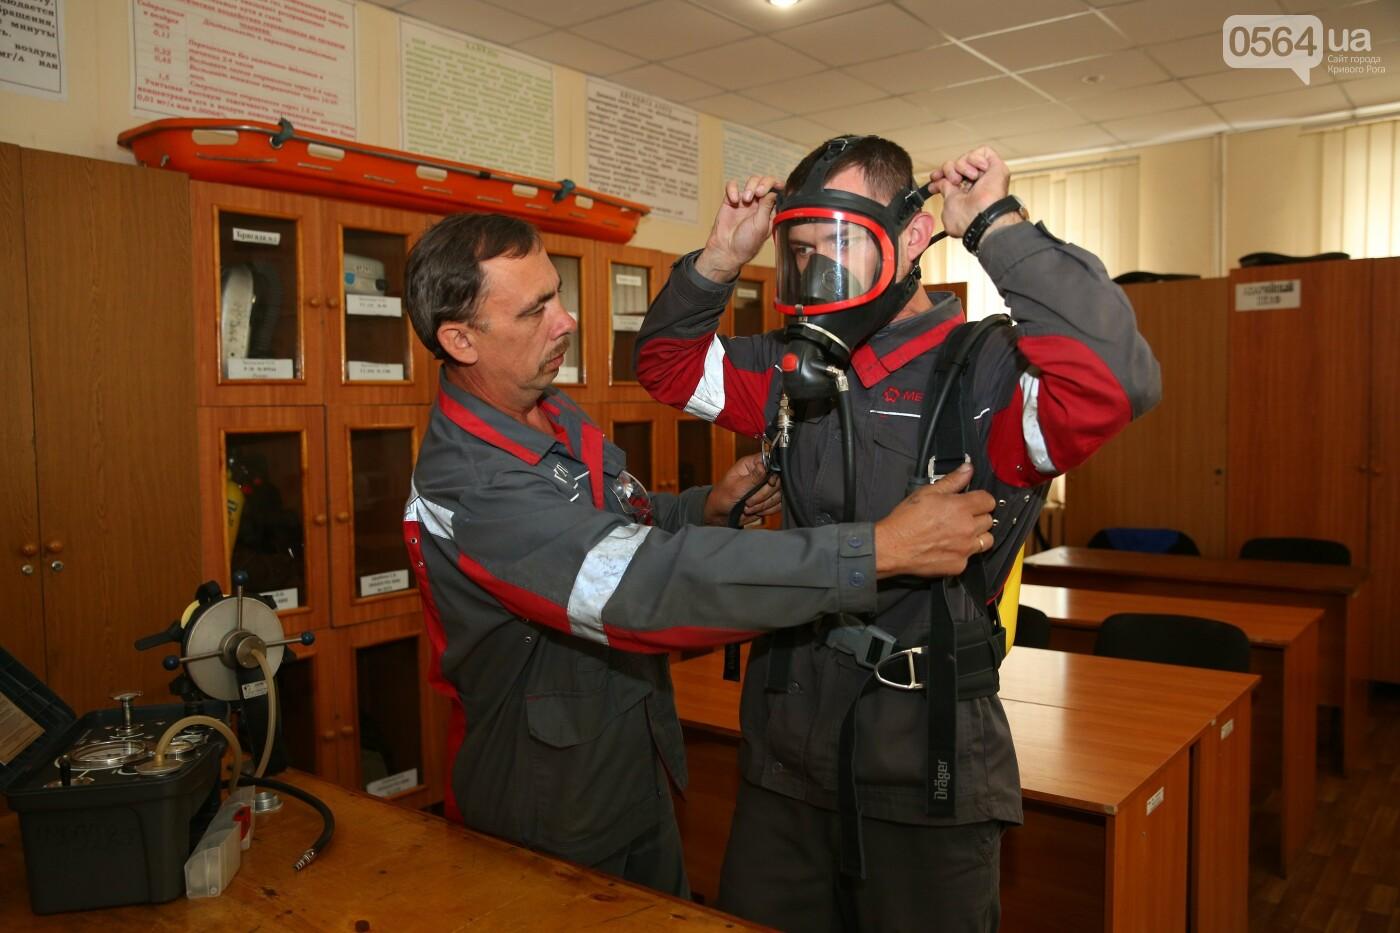 Метинвест инвестировал в безопасность сотрудников около 400 миллионов гривен, фото-1